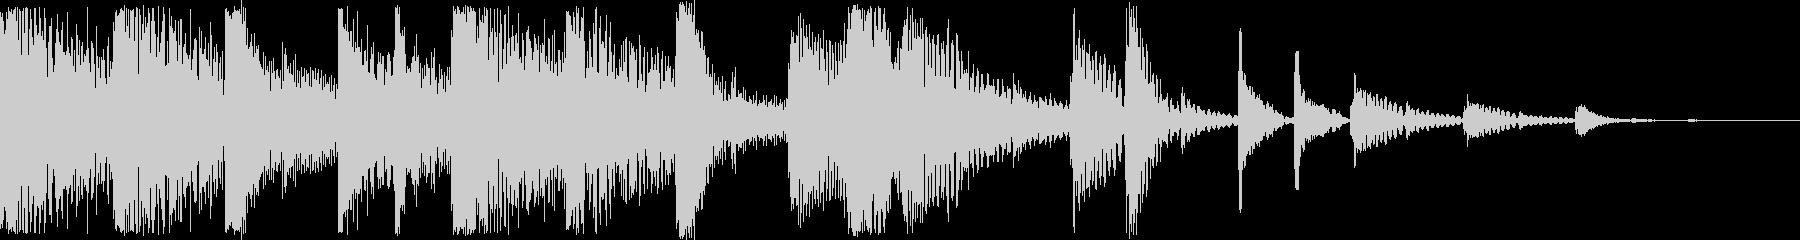 シンセとハイハットによるジングルの未再生の波形